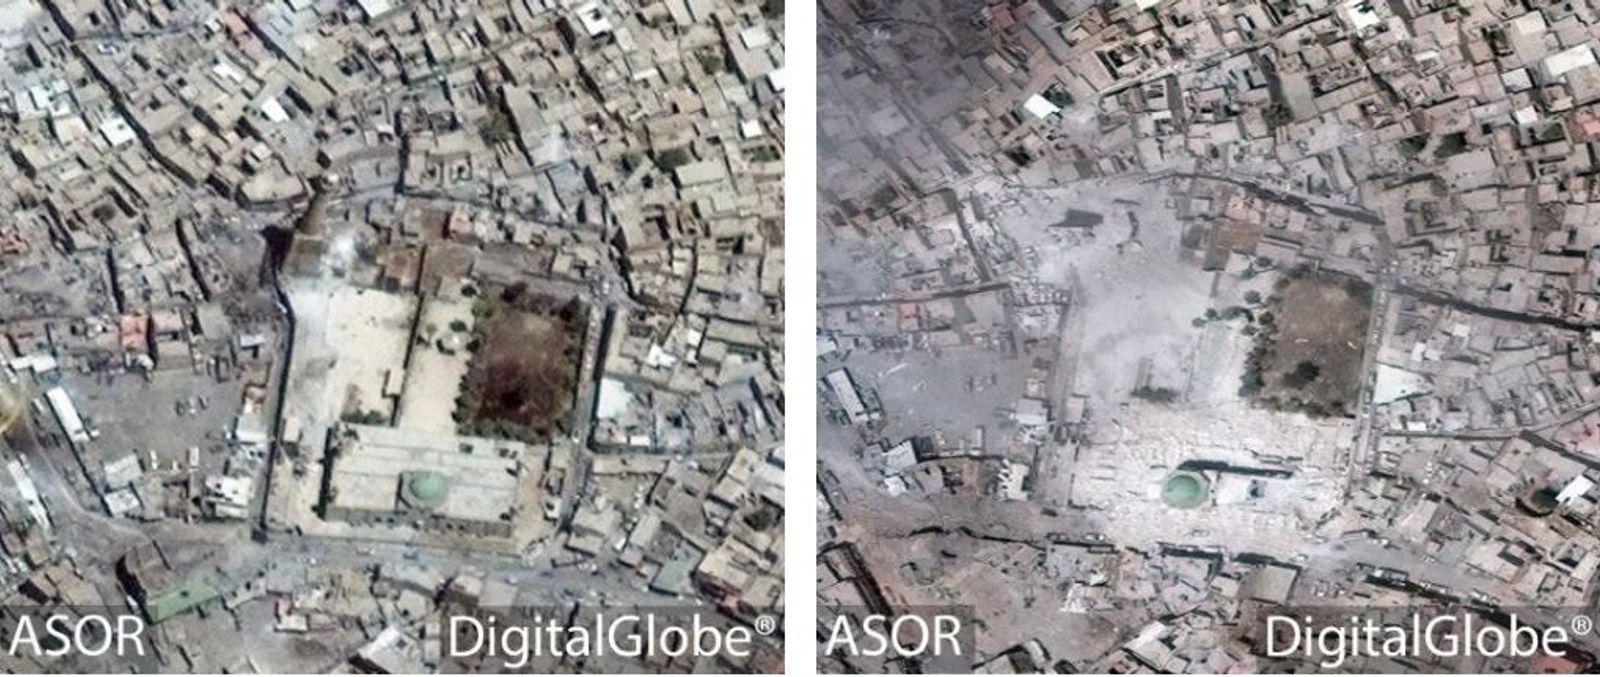 UN DOMMAGE COLLATÉRAL - Une image satellite prise le 19 juin 2017, à gauche, montre  ...